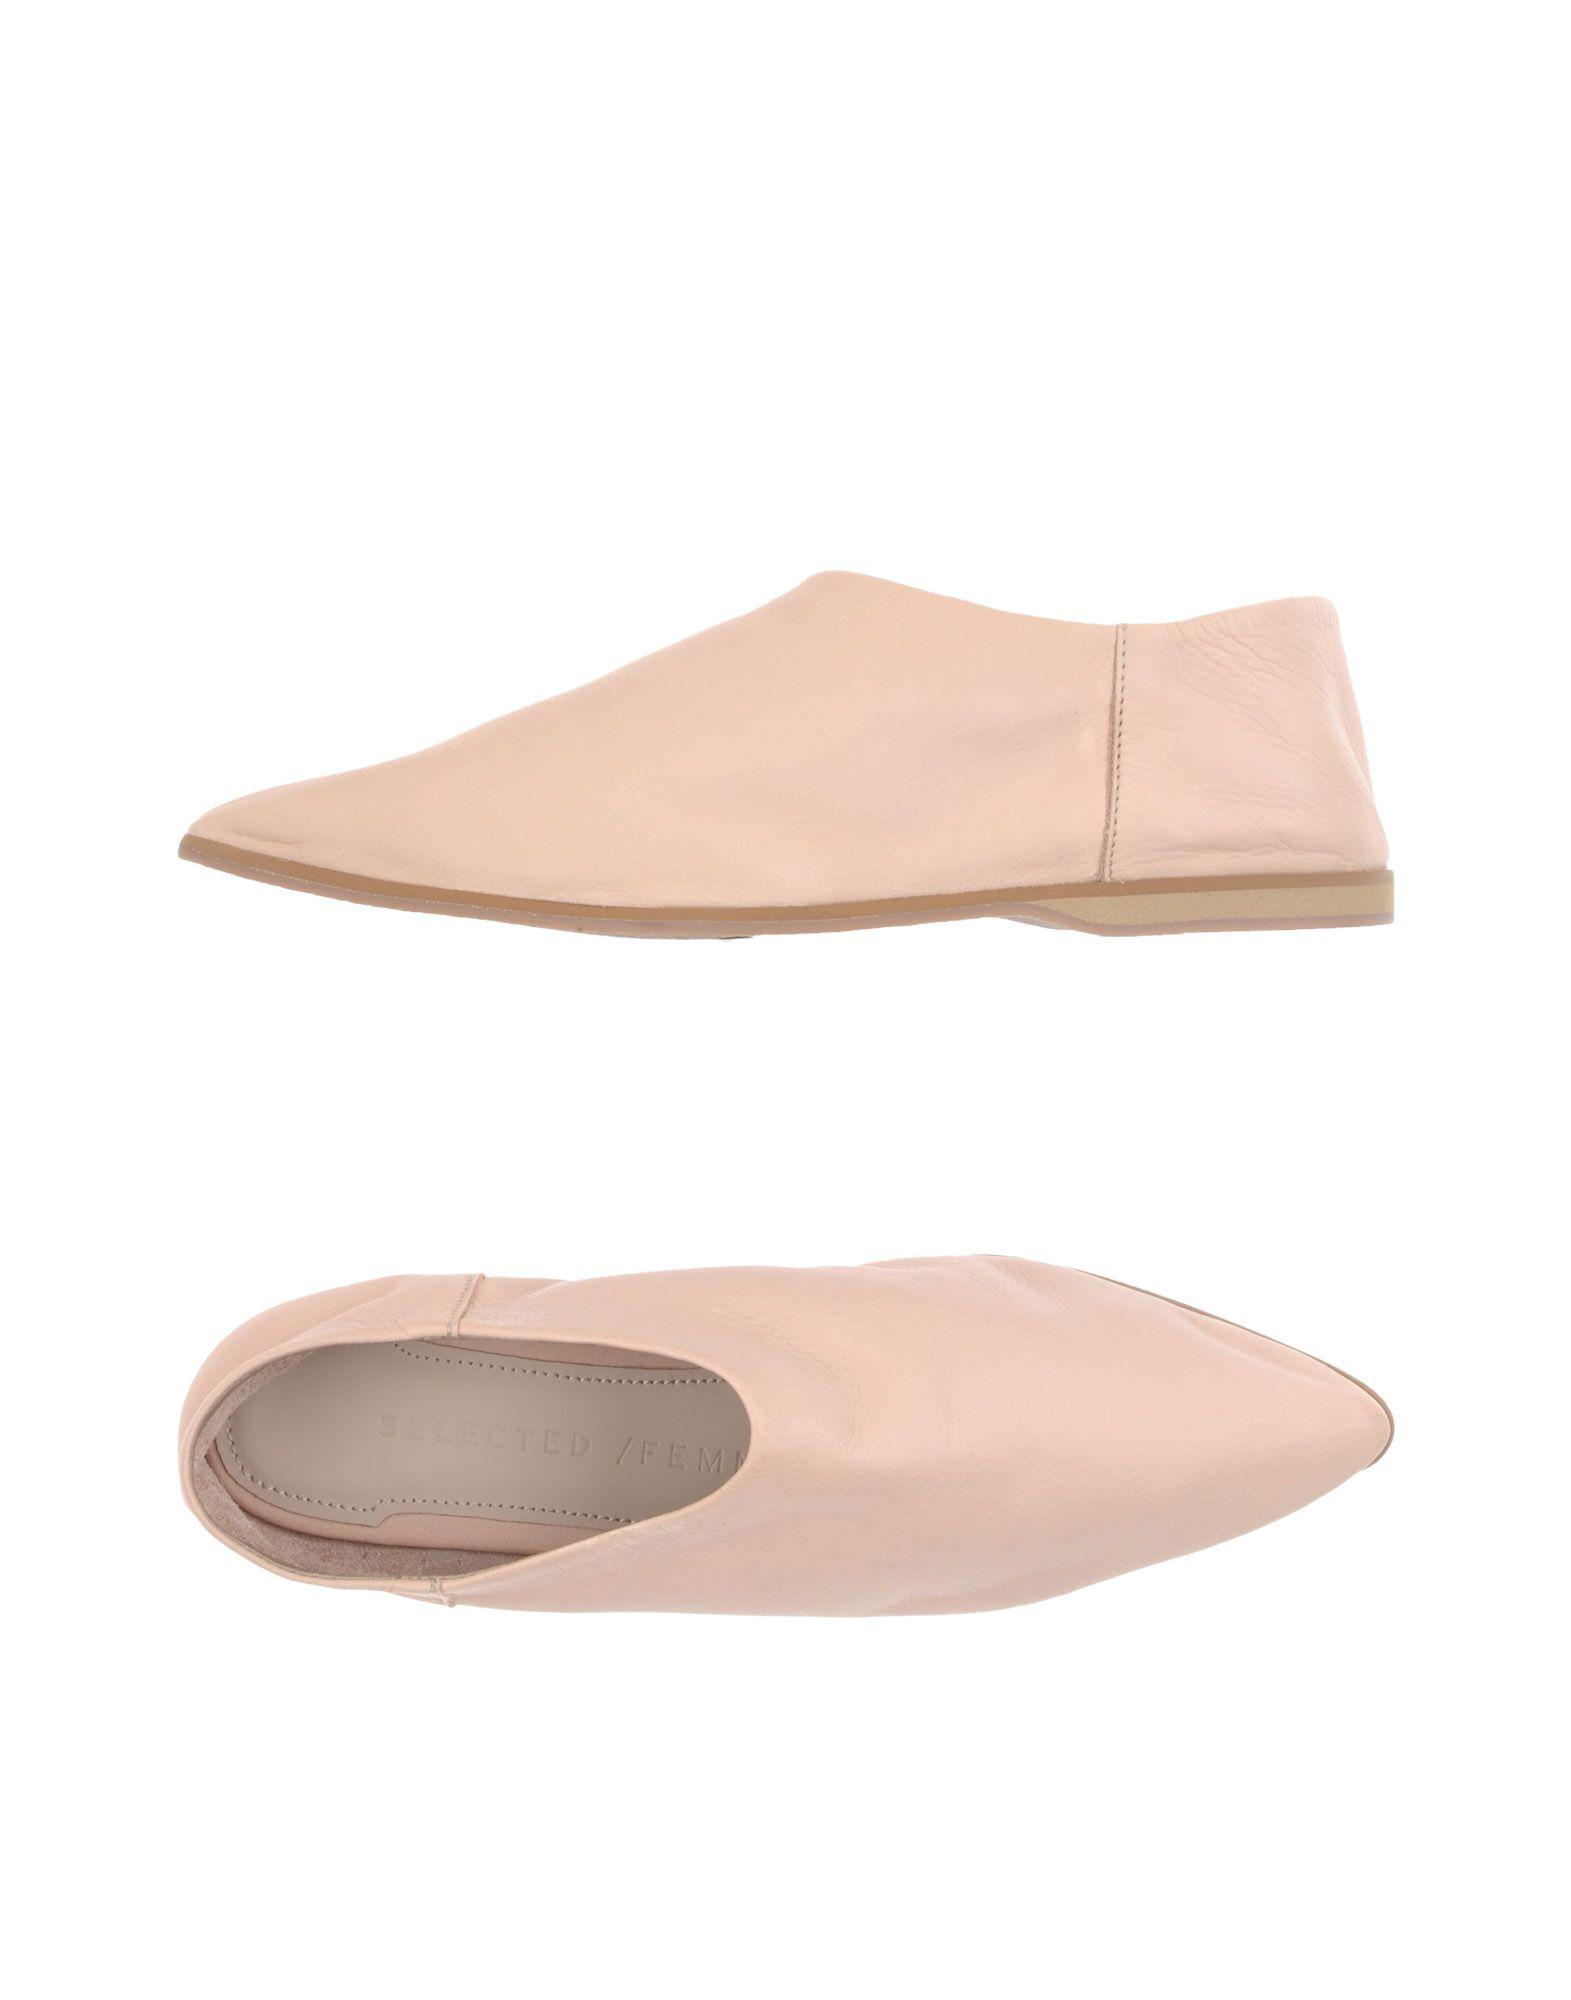 Selected Femme Mokassins Damen  11390300SQ Gute Qualität beliebte Schuhe